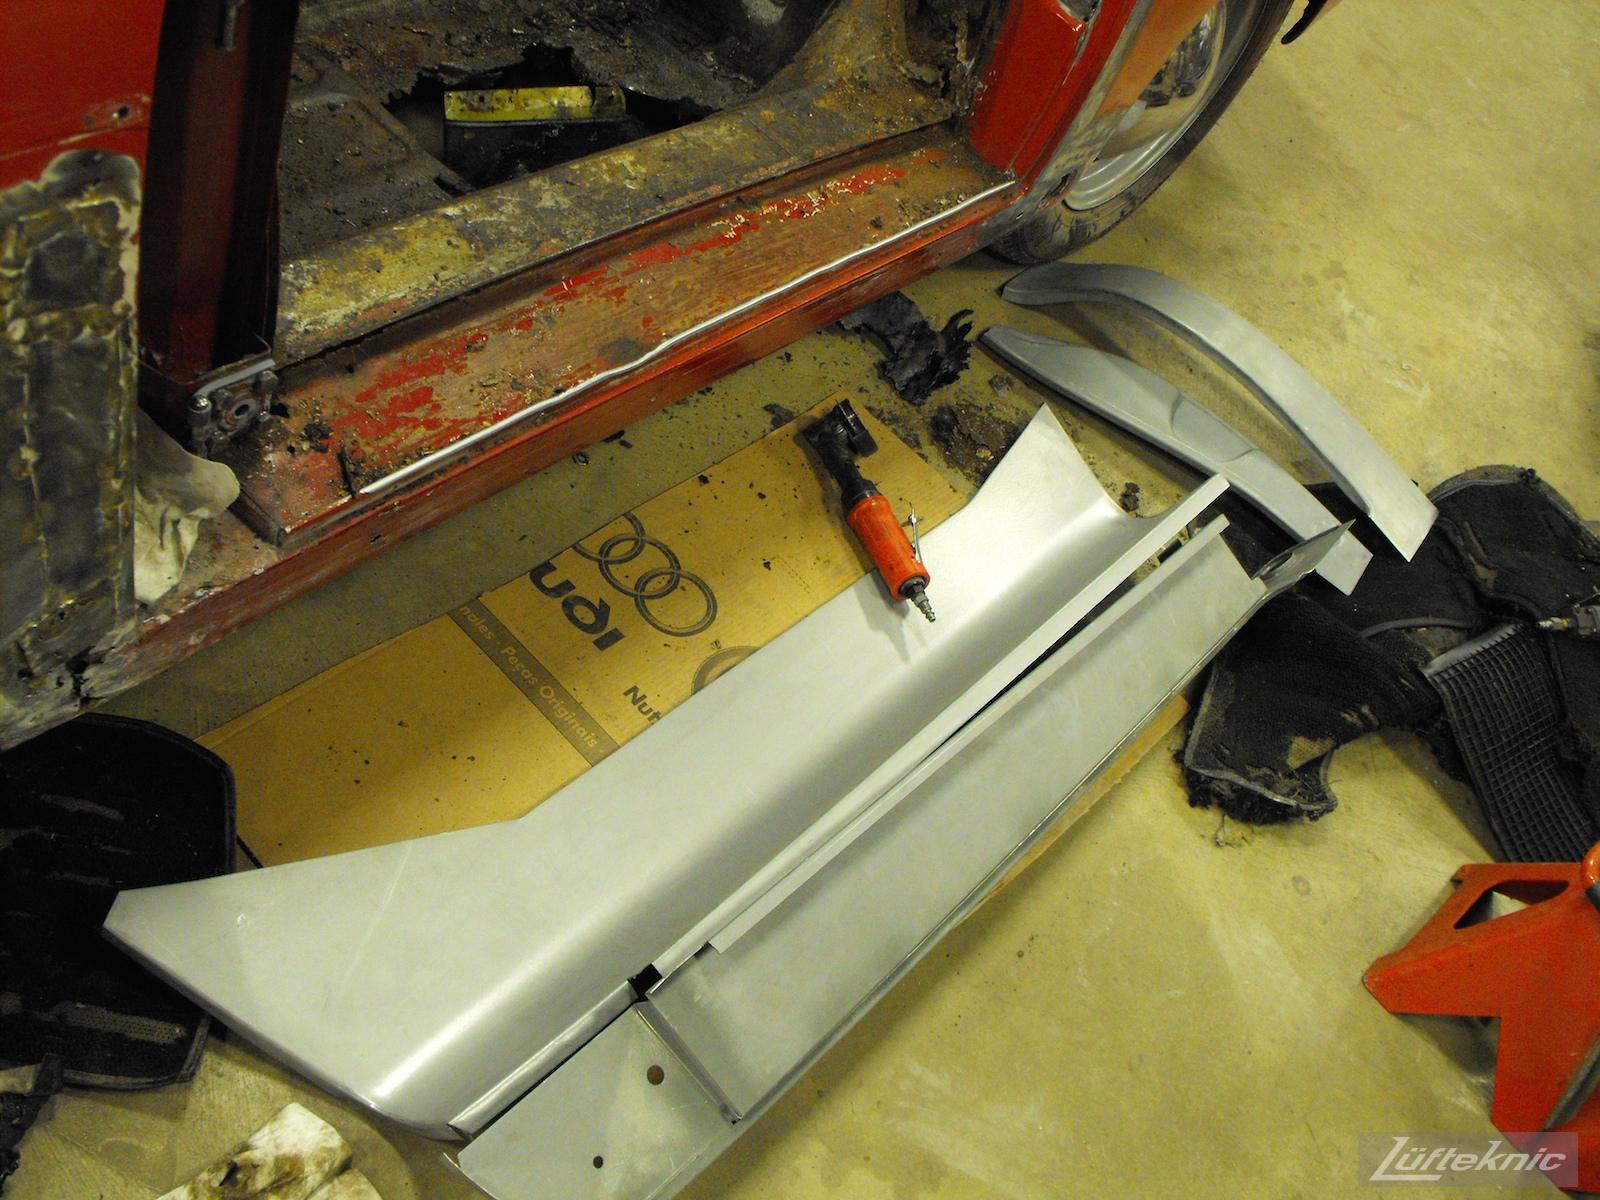 Repair panels for a 1961 Porsche 356B Roadster restoration.